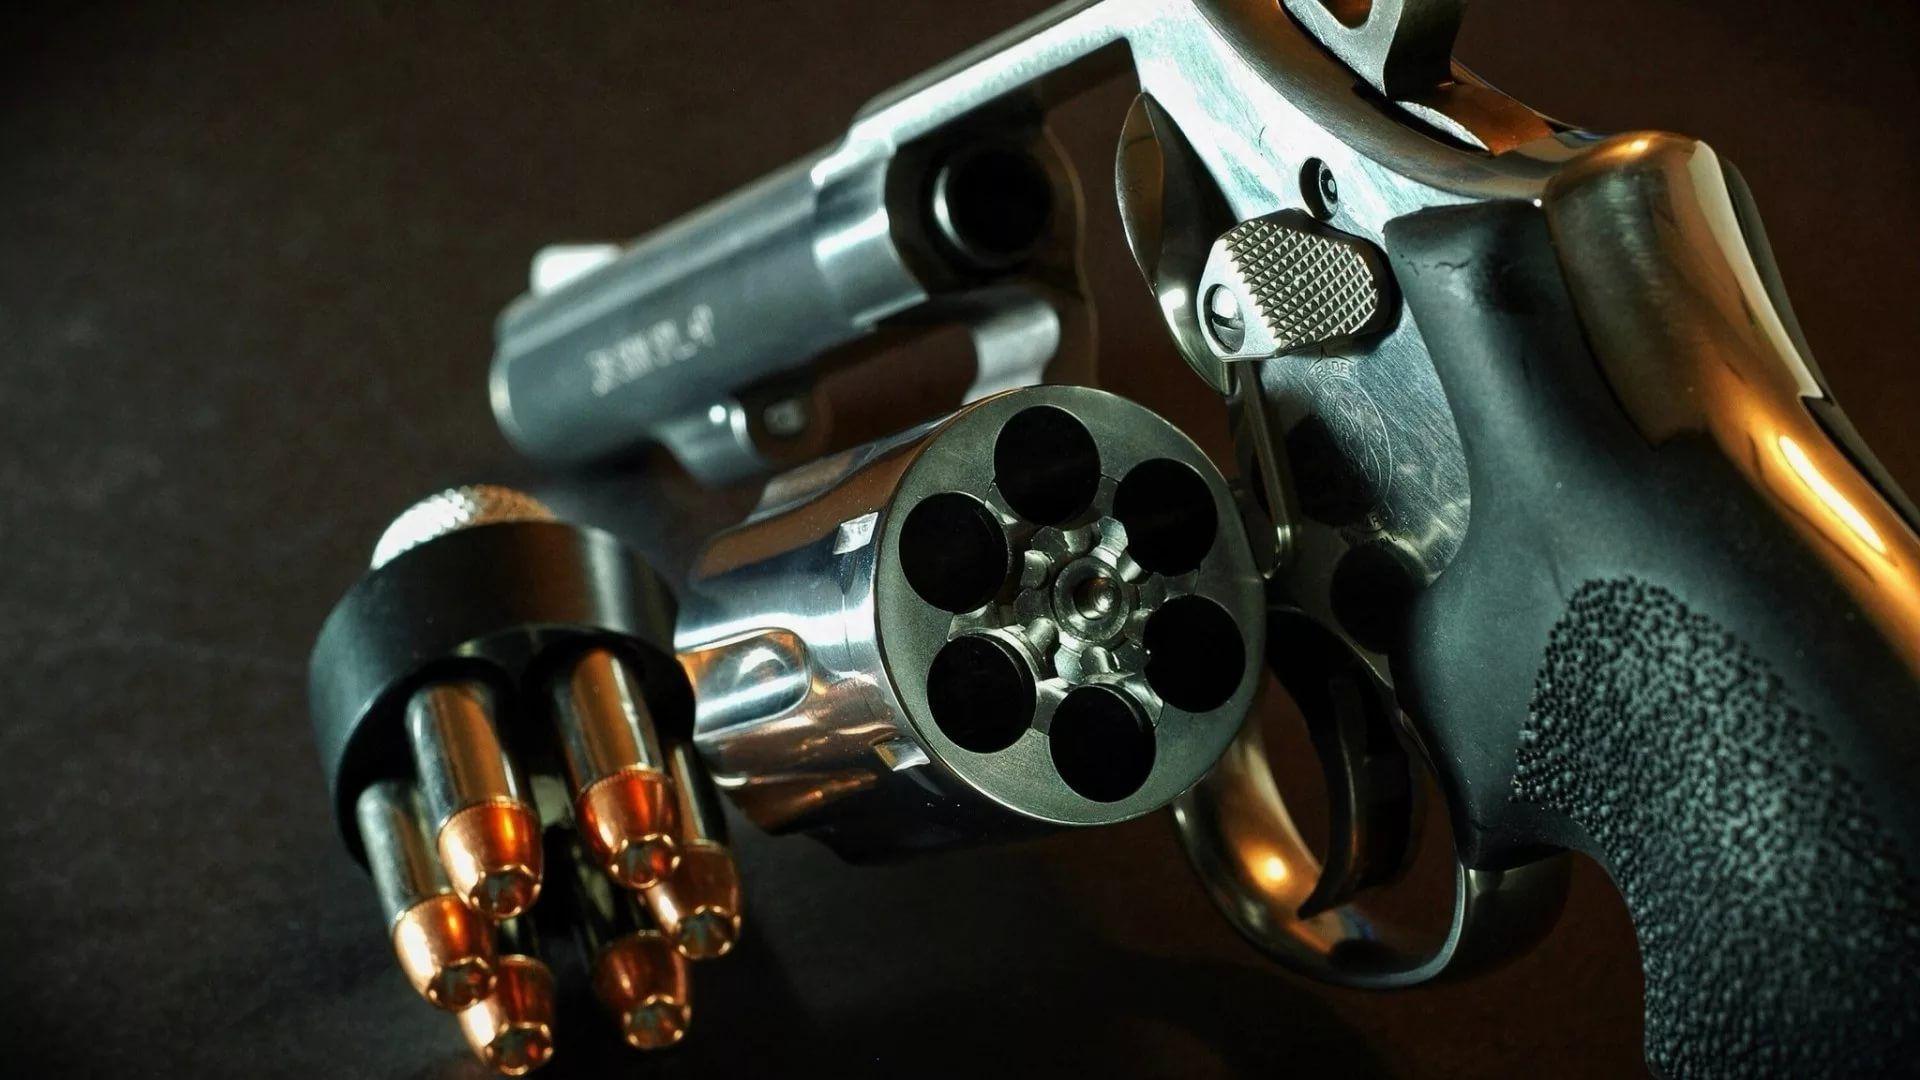 Gun For Desktop vertical wallpaper hd